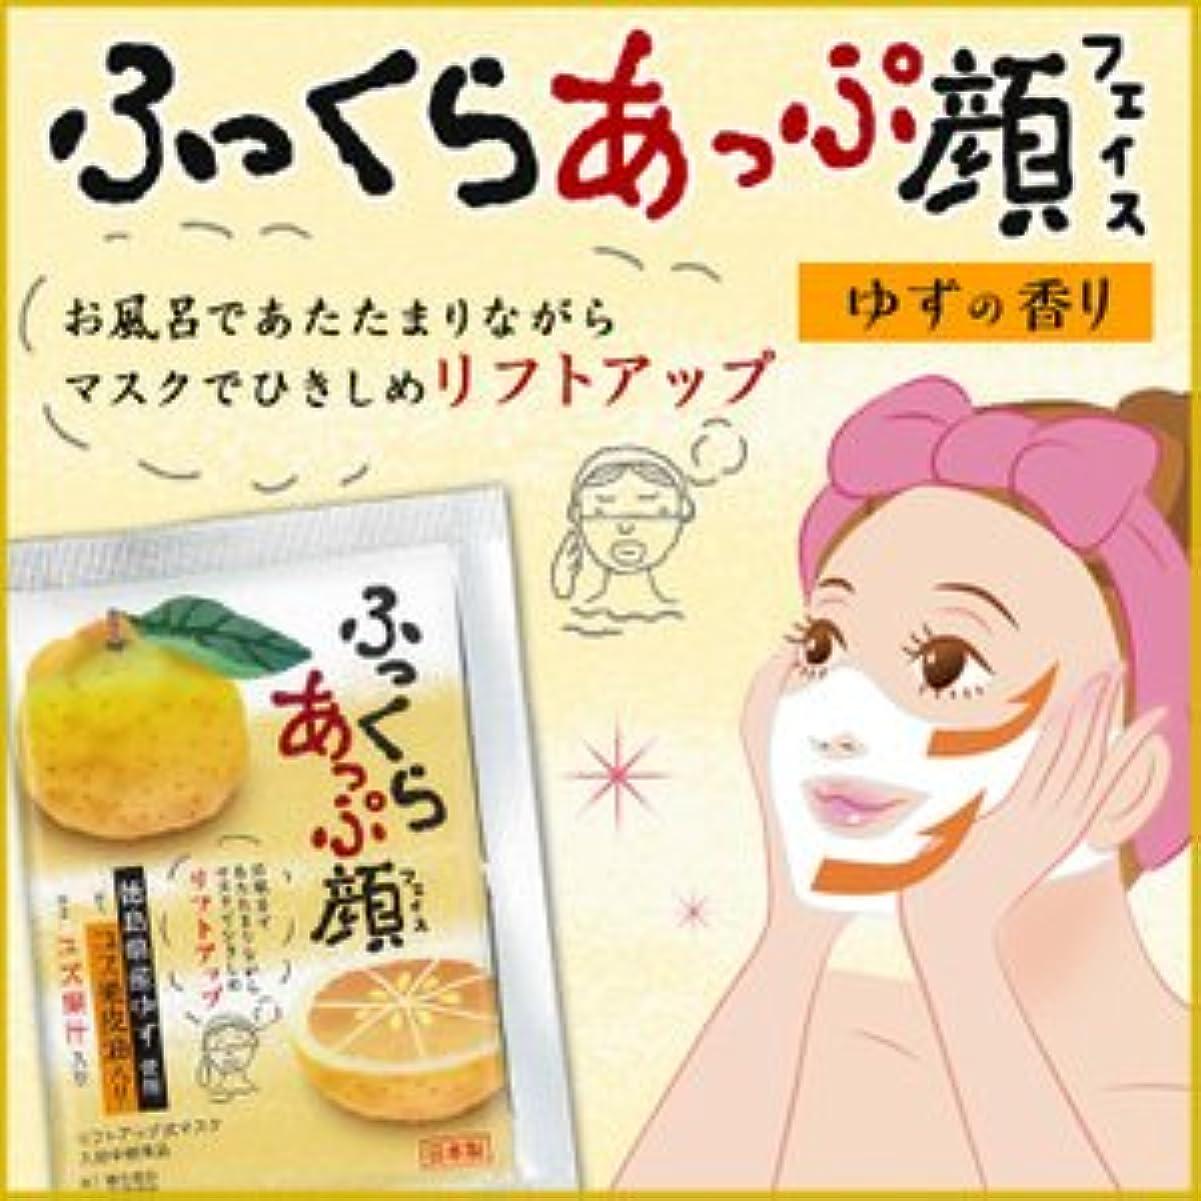 リフトアップ フェイスマスク ゆずの香り(20ml×1×7枚)